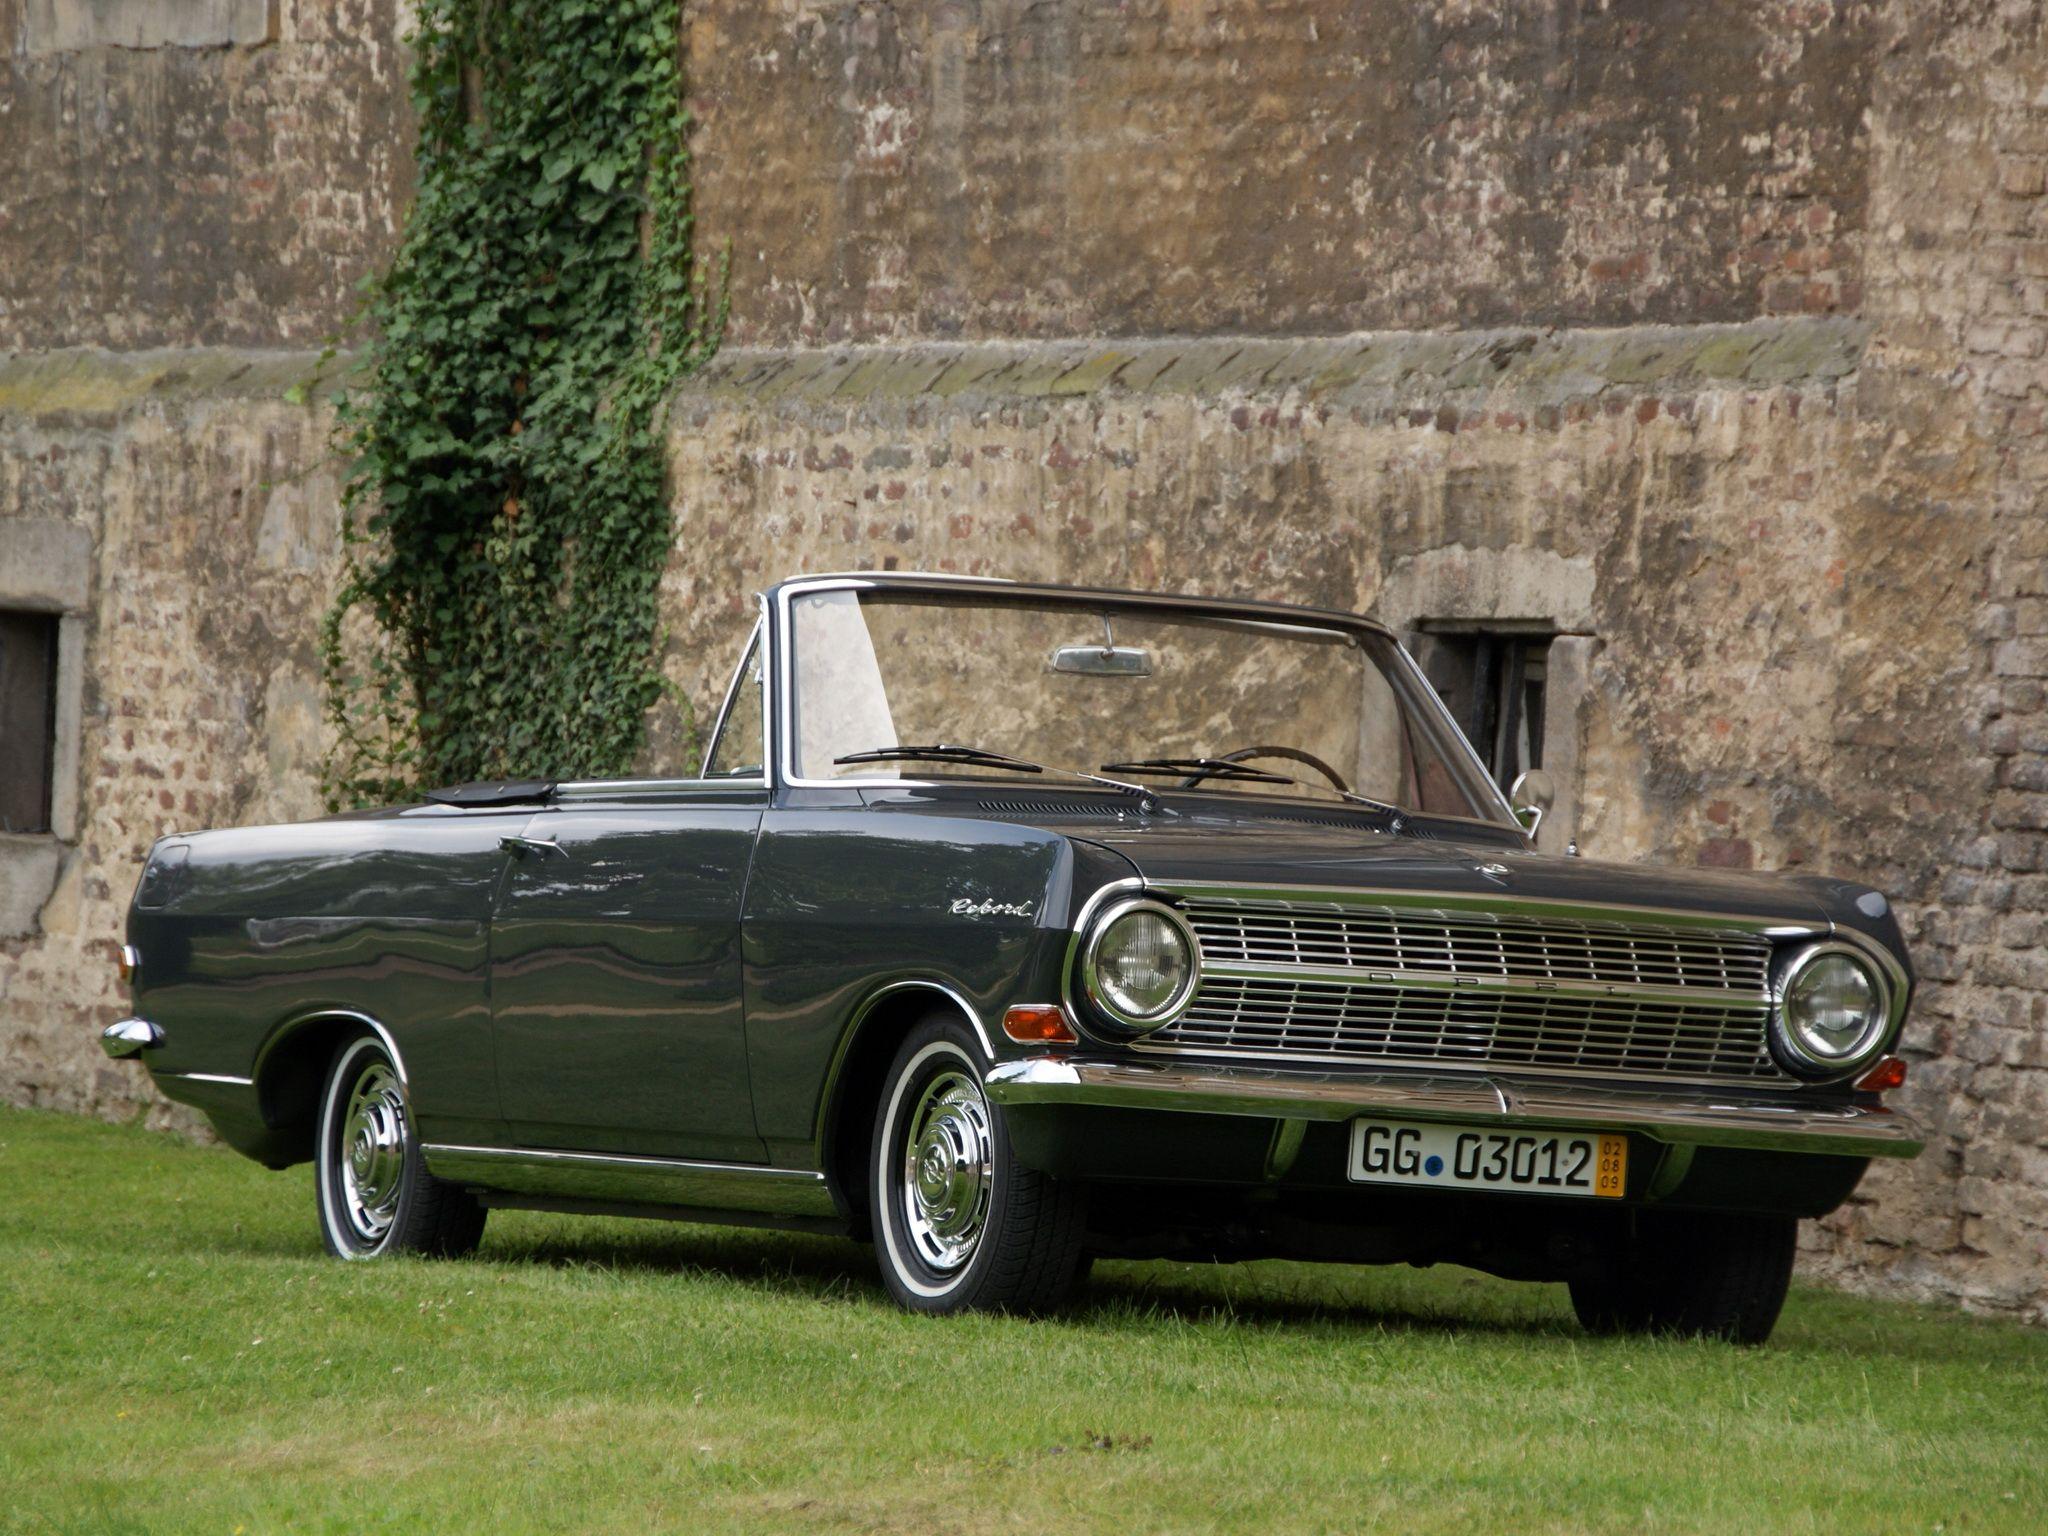 196365 opel rekord cabriolet by karl deutsch a opel 196365 opel rekord cabriolet by karl deutsch a sciox Choice Image